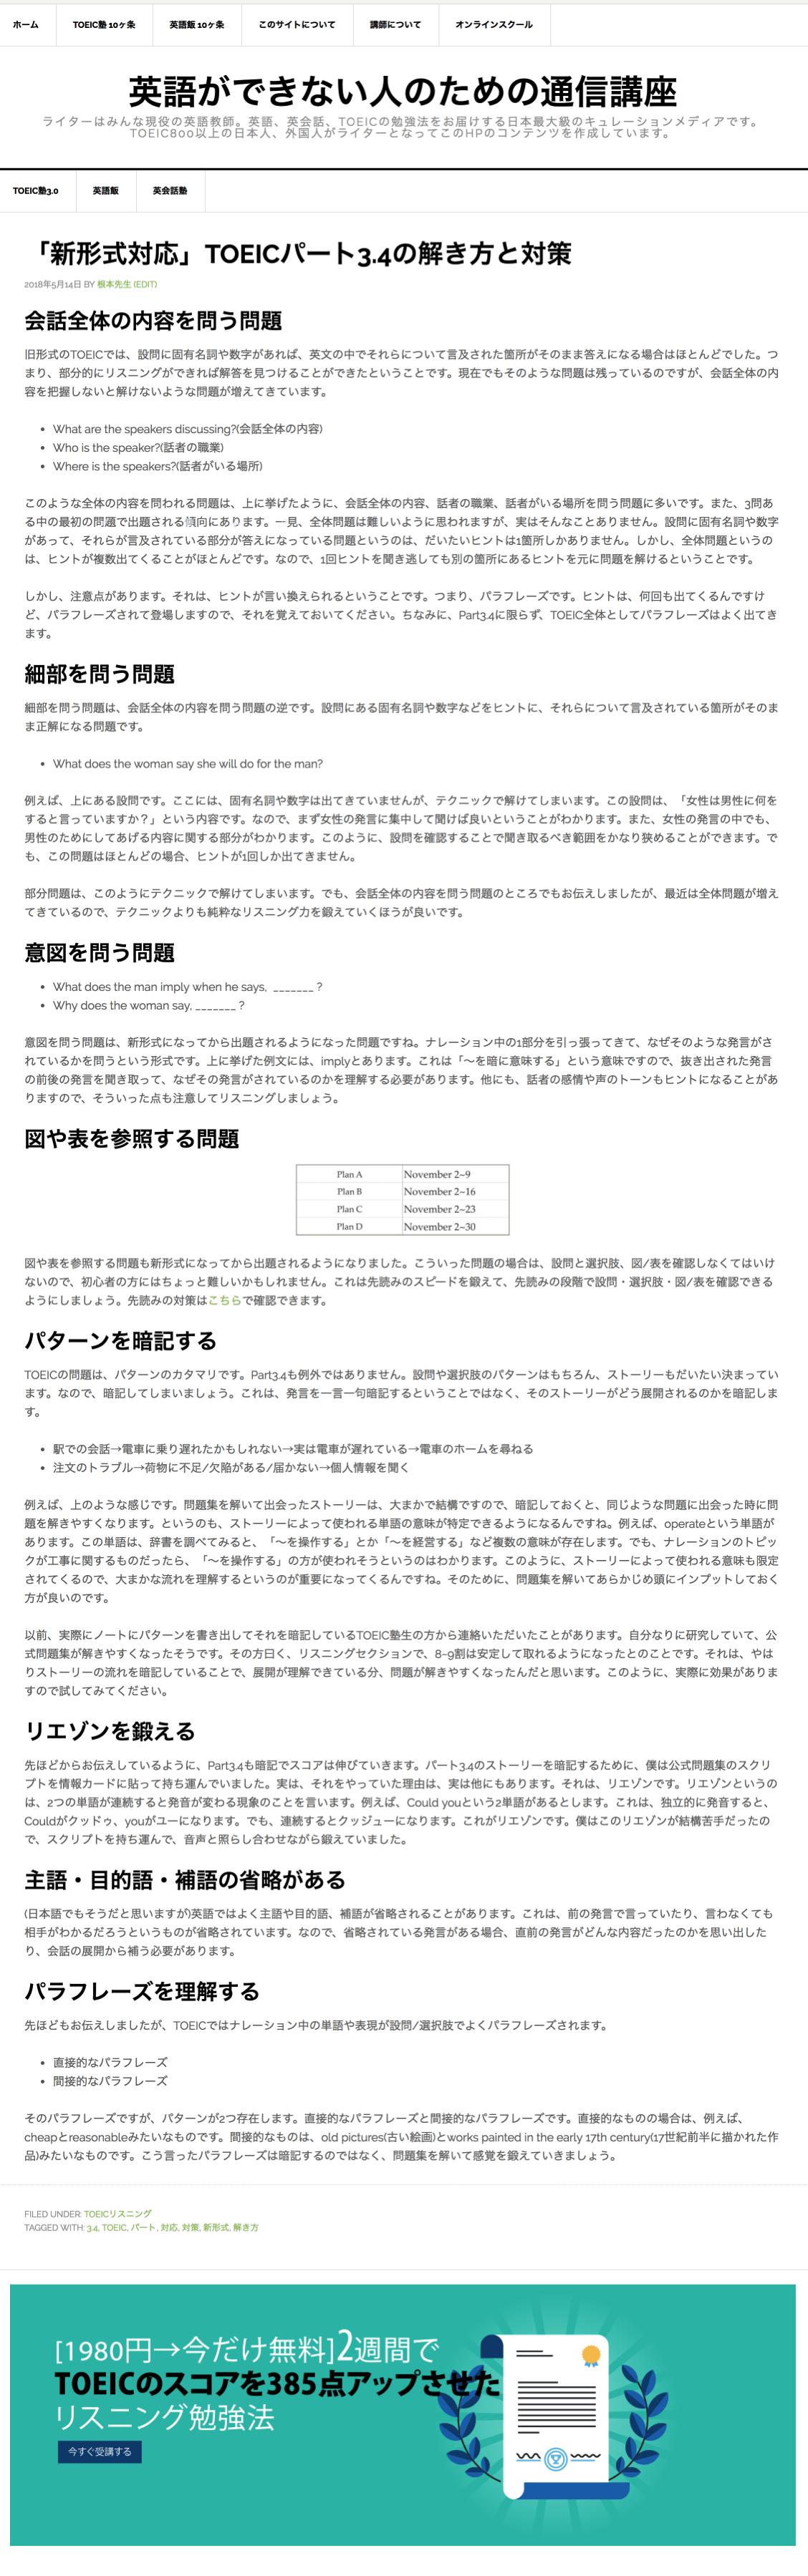 新形式対応 TOEICパート3 4の解き方と対策  1